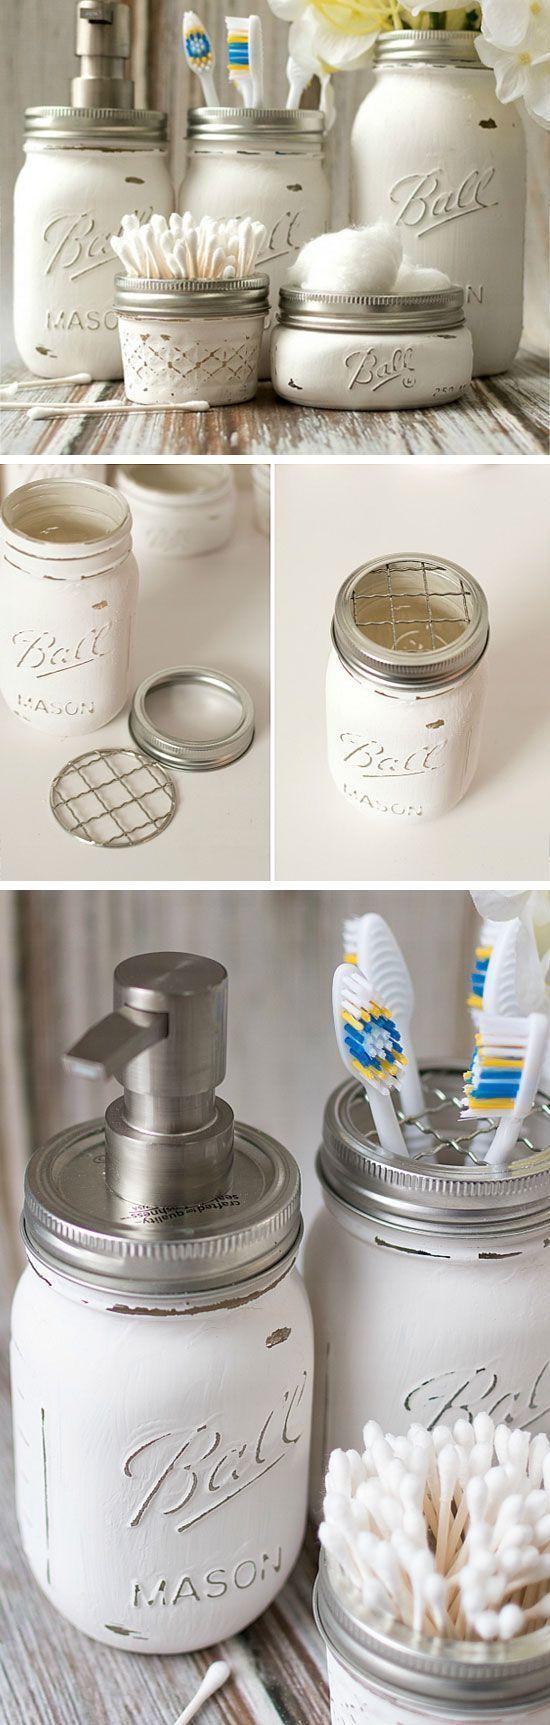 13 tricks people who bathroom clutter swear by mason jar